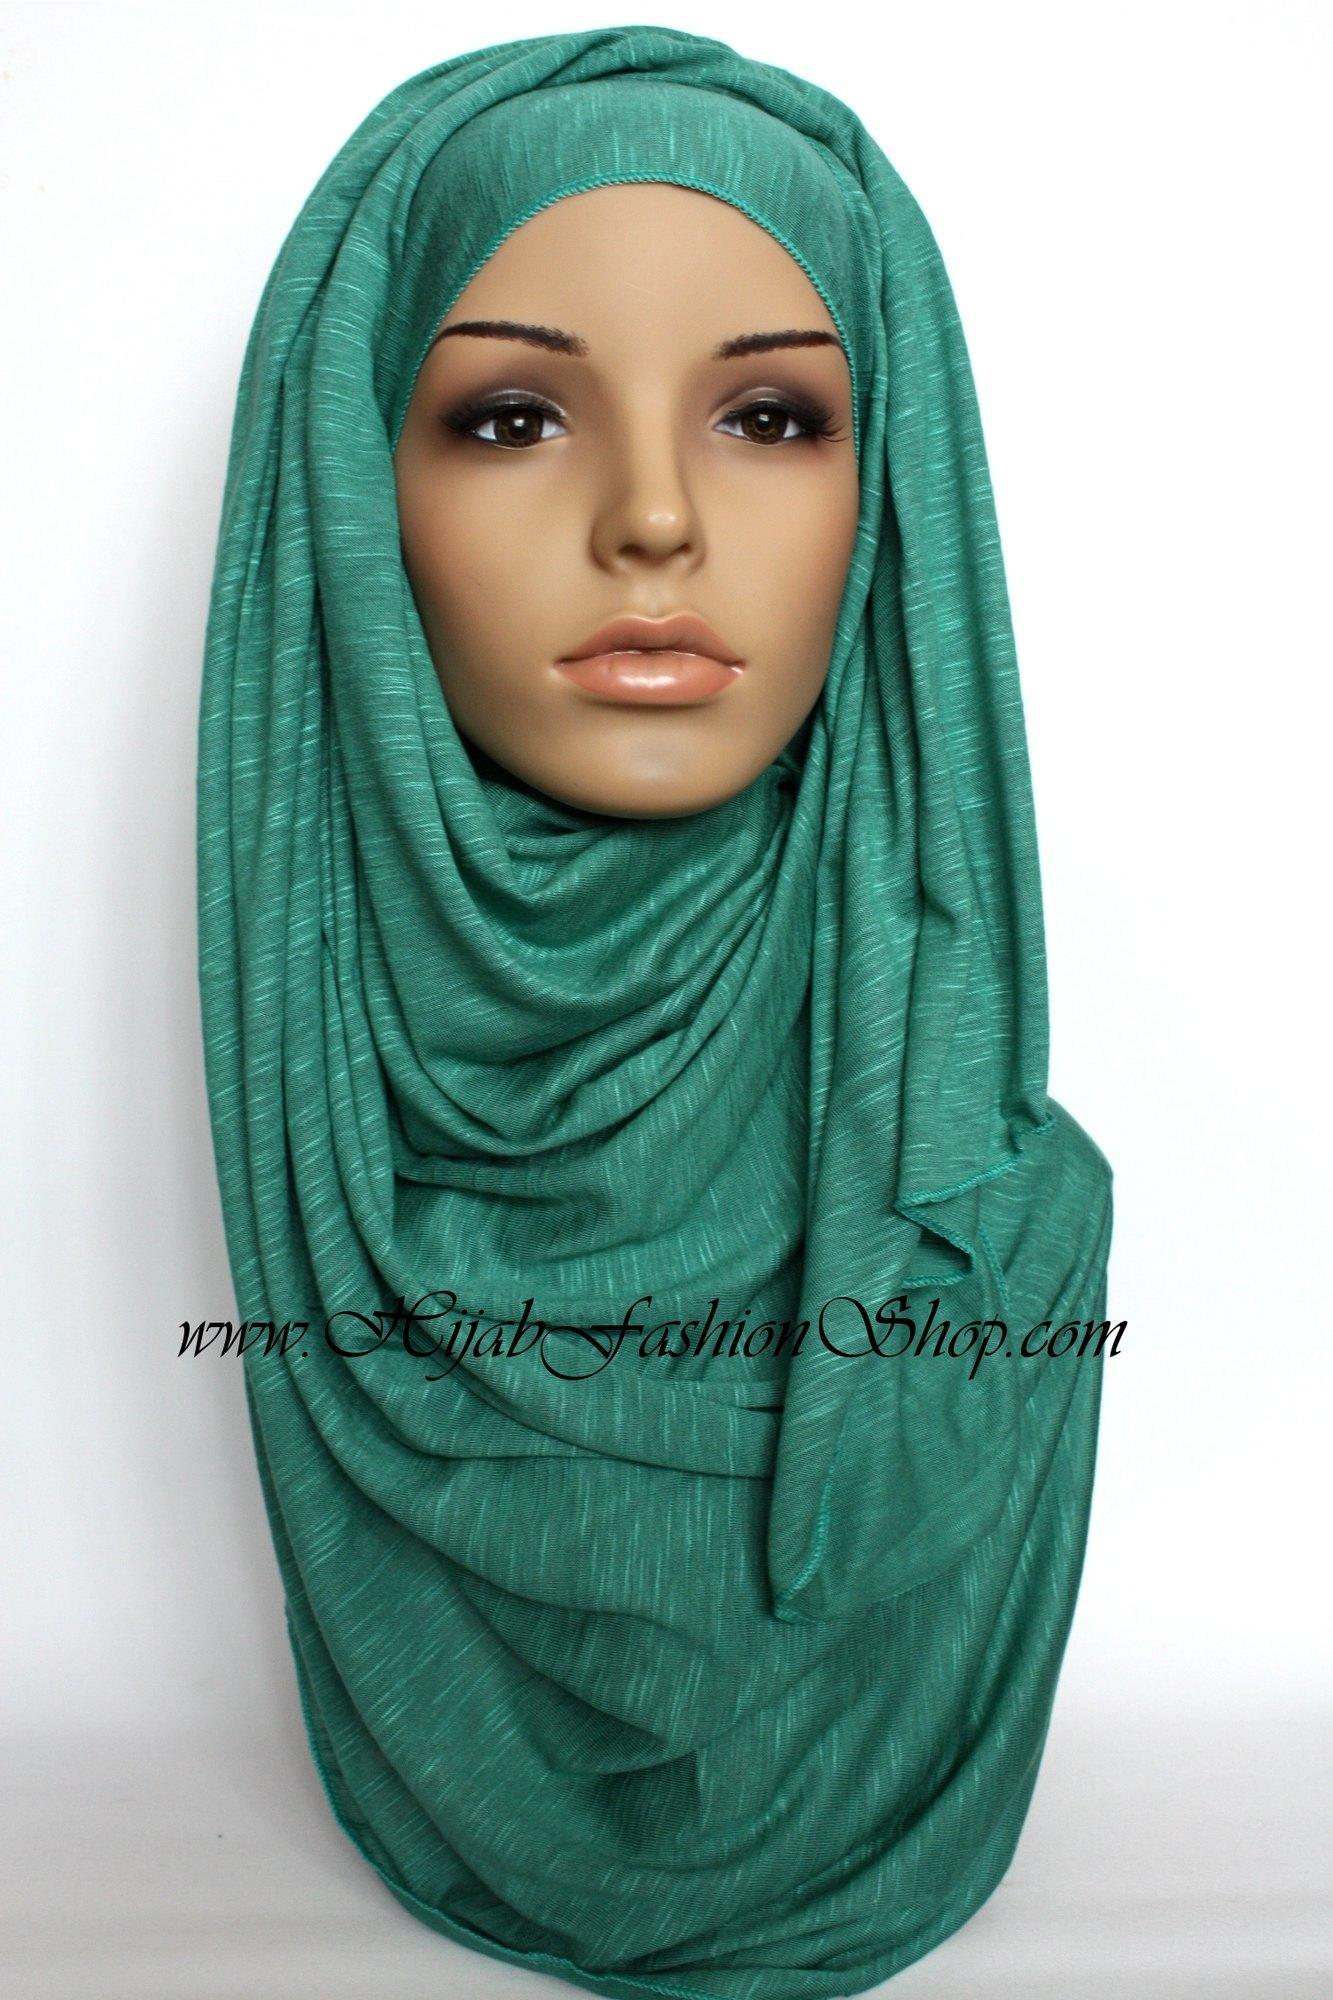 Nude Jersey Hijab - Buy Cotton Jersey Hijab   Buy Premium